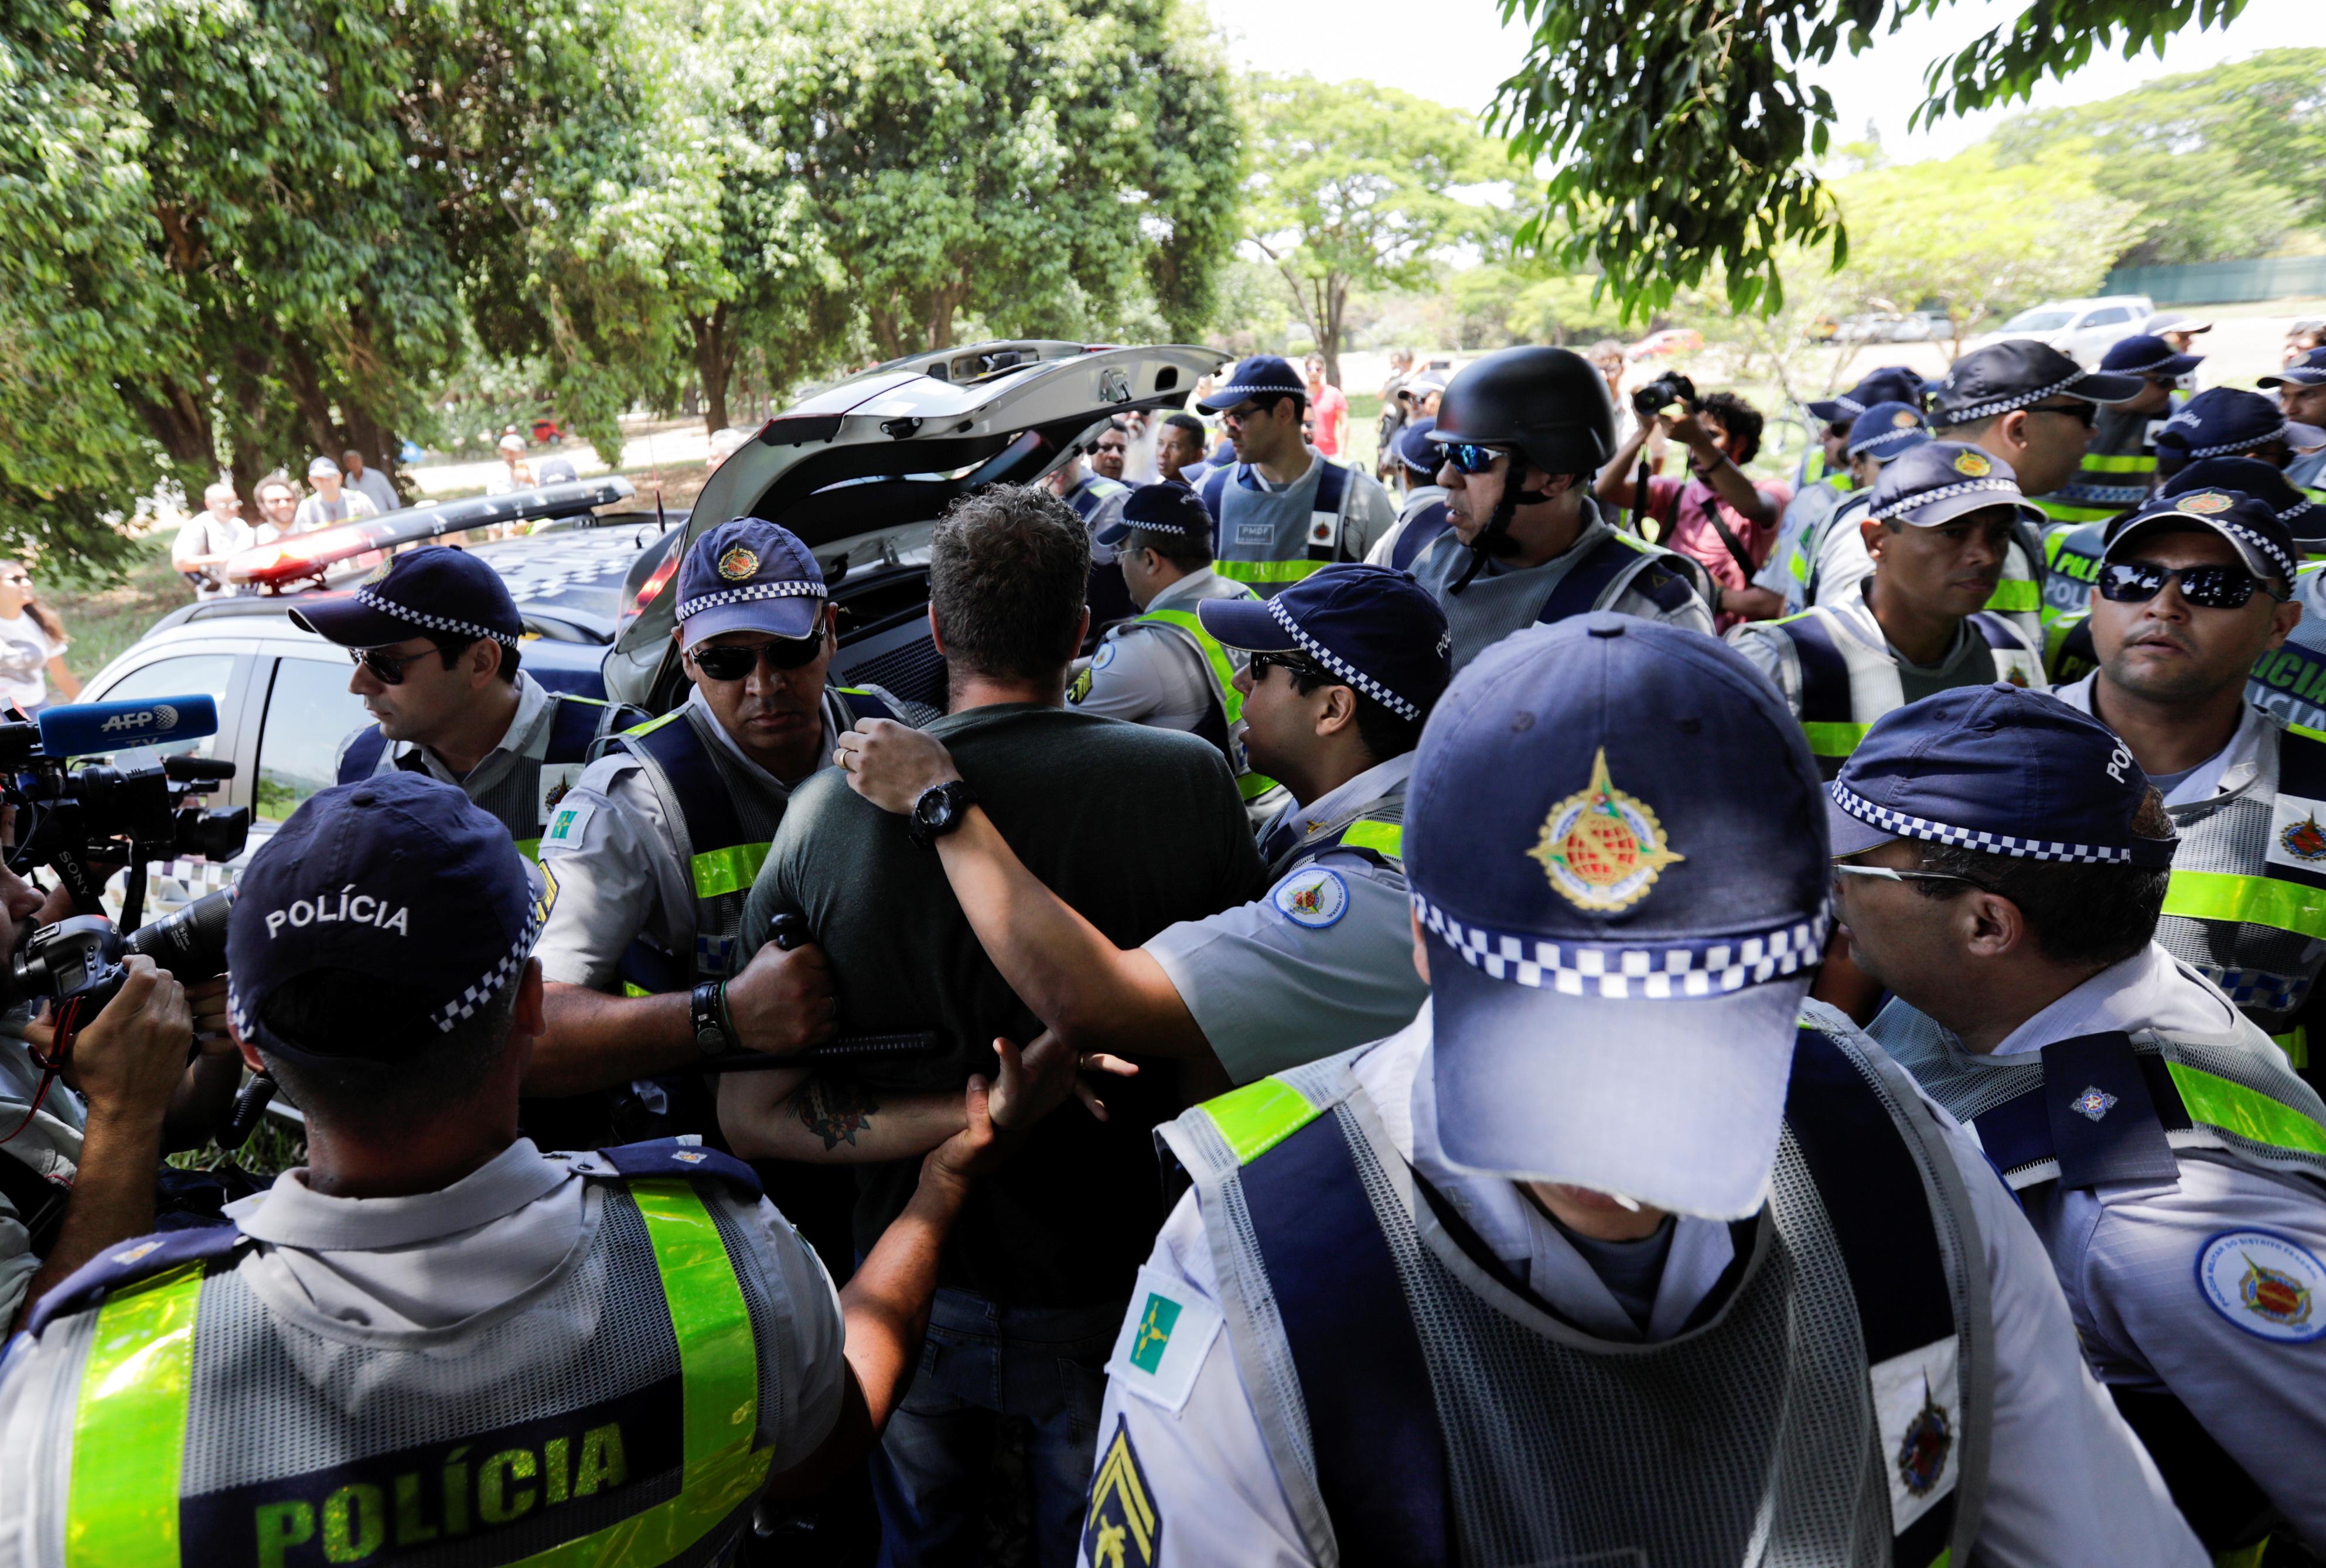 La policía detuvo a uno de los simpatizantes de Nicolás Maduro por agresión